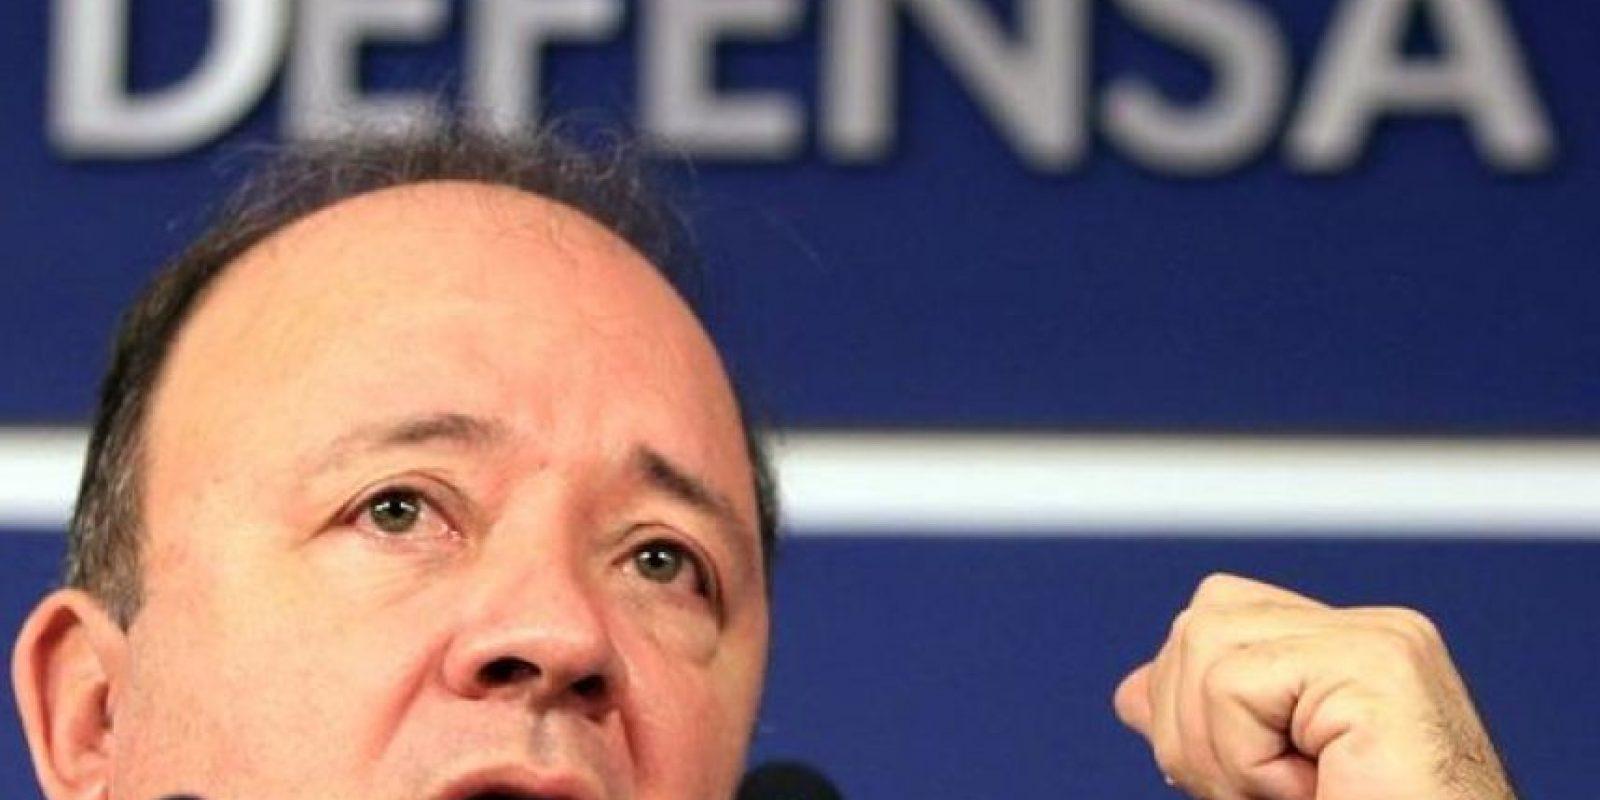 Luis Carlos Villegas, ministro de Defensa de Colombia, ya investiga la violación del espacio aéreo del país sudamericano Foto:AFP